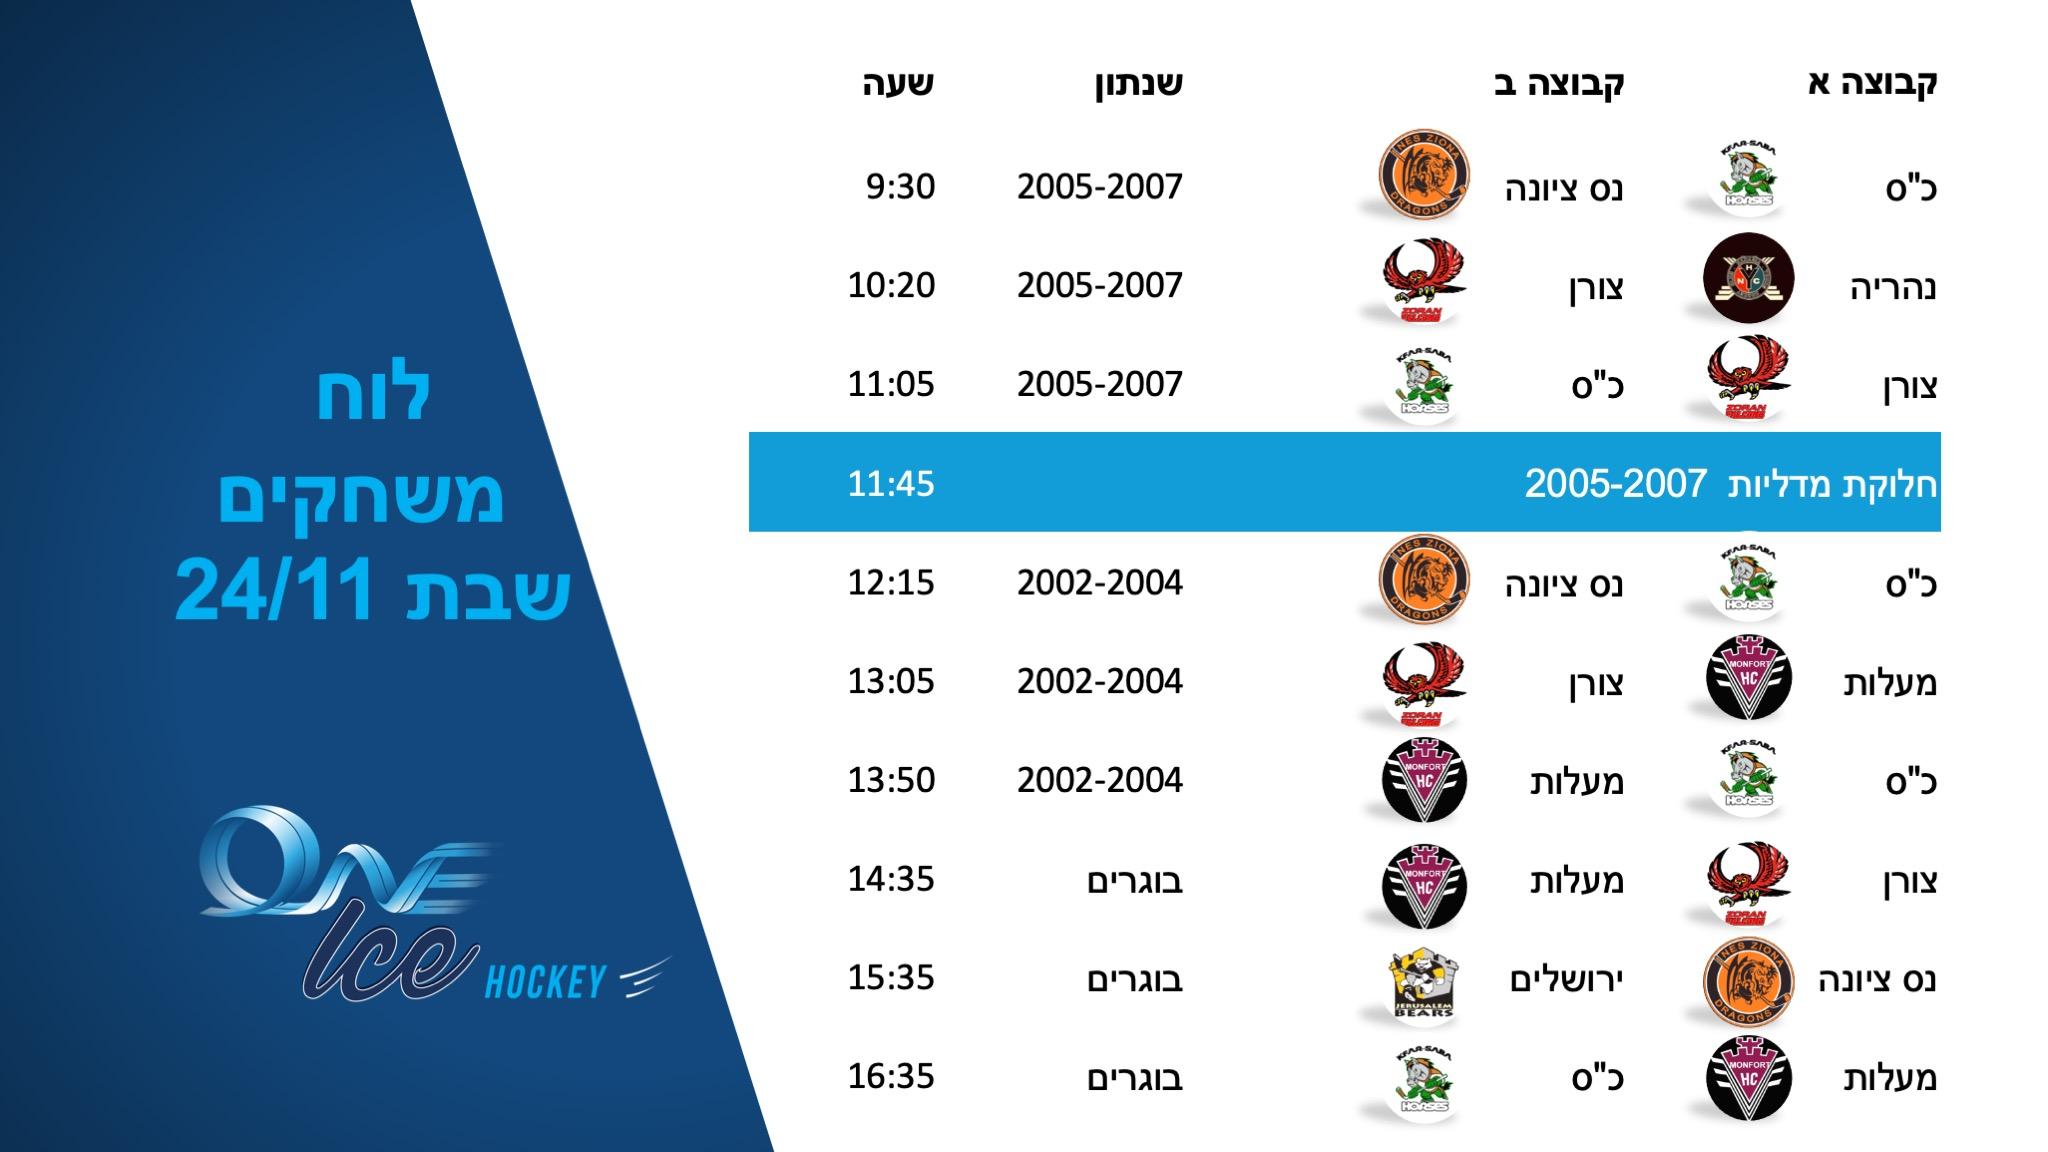 לוח הזמנים לשבת 24/11 – יום משחקים שני לטורניר הפתיחה